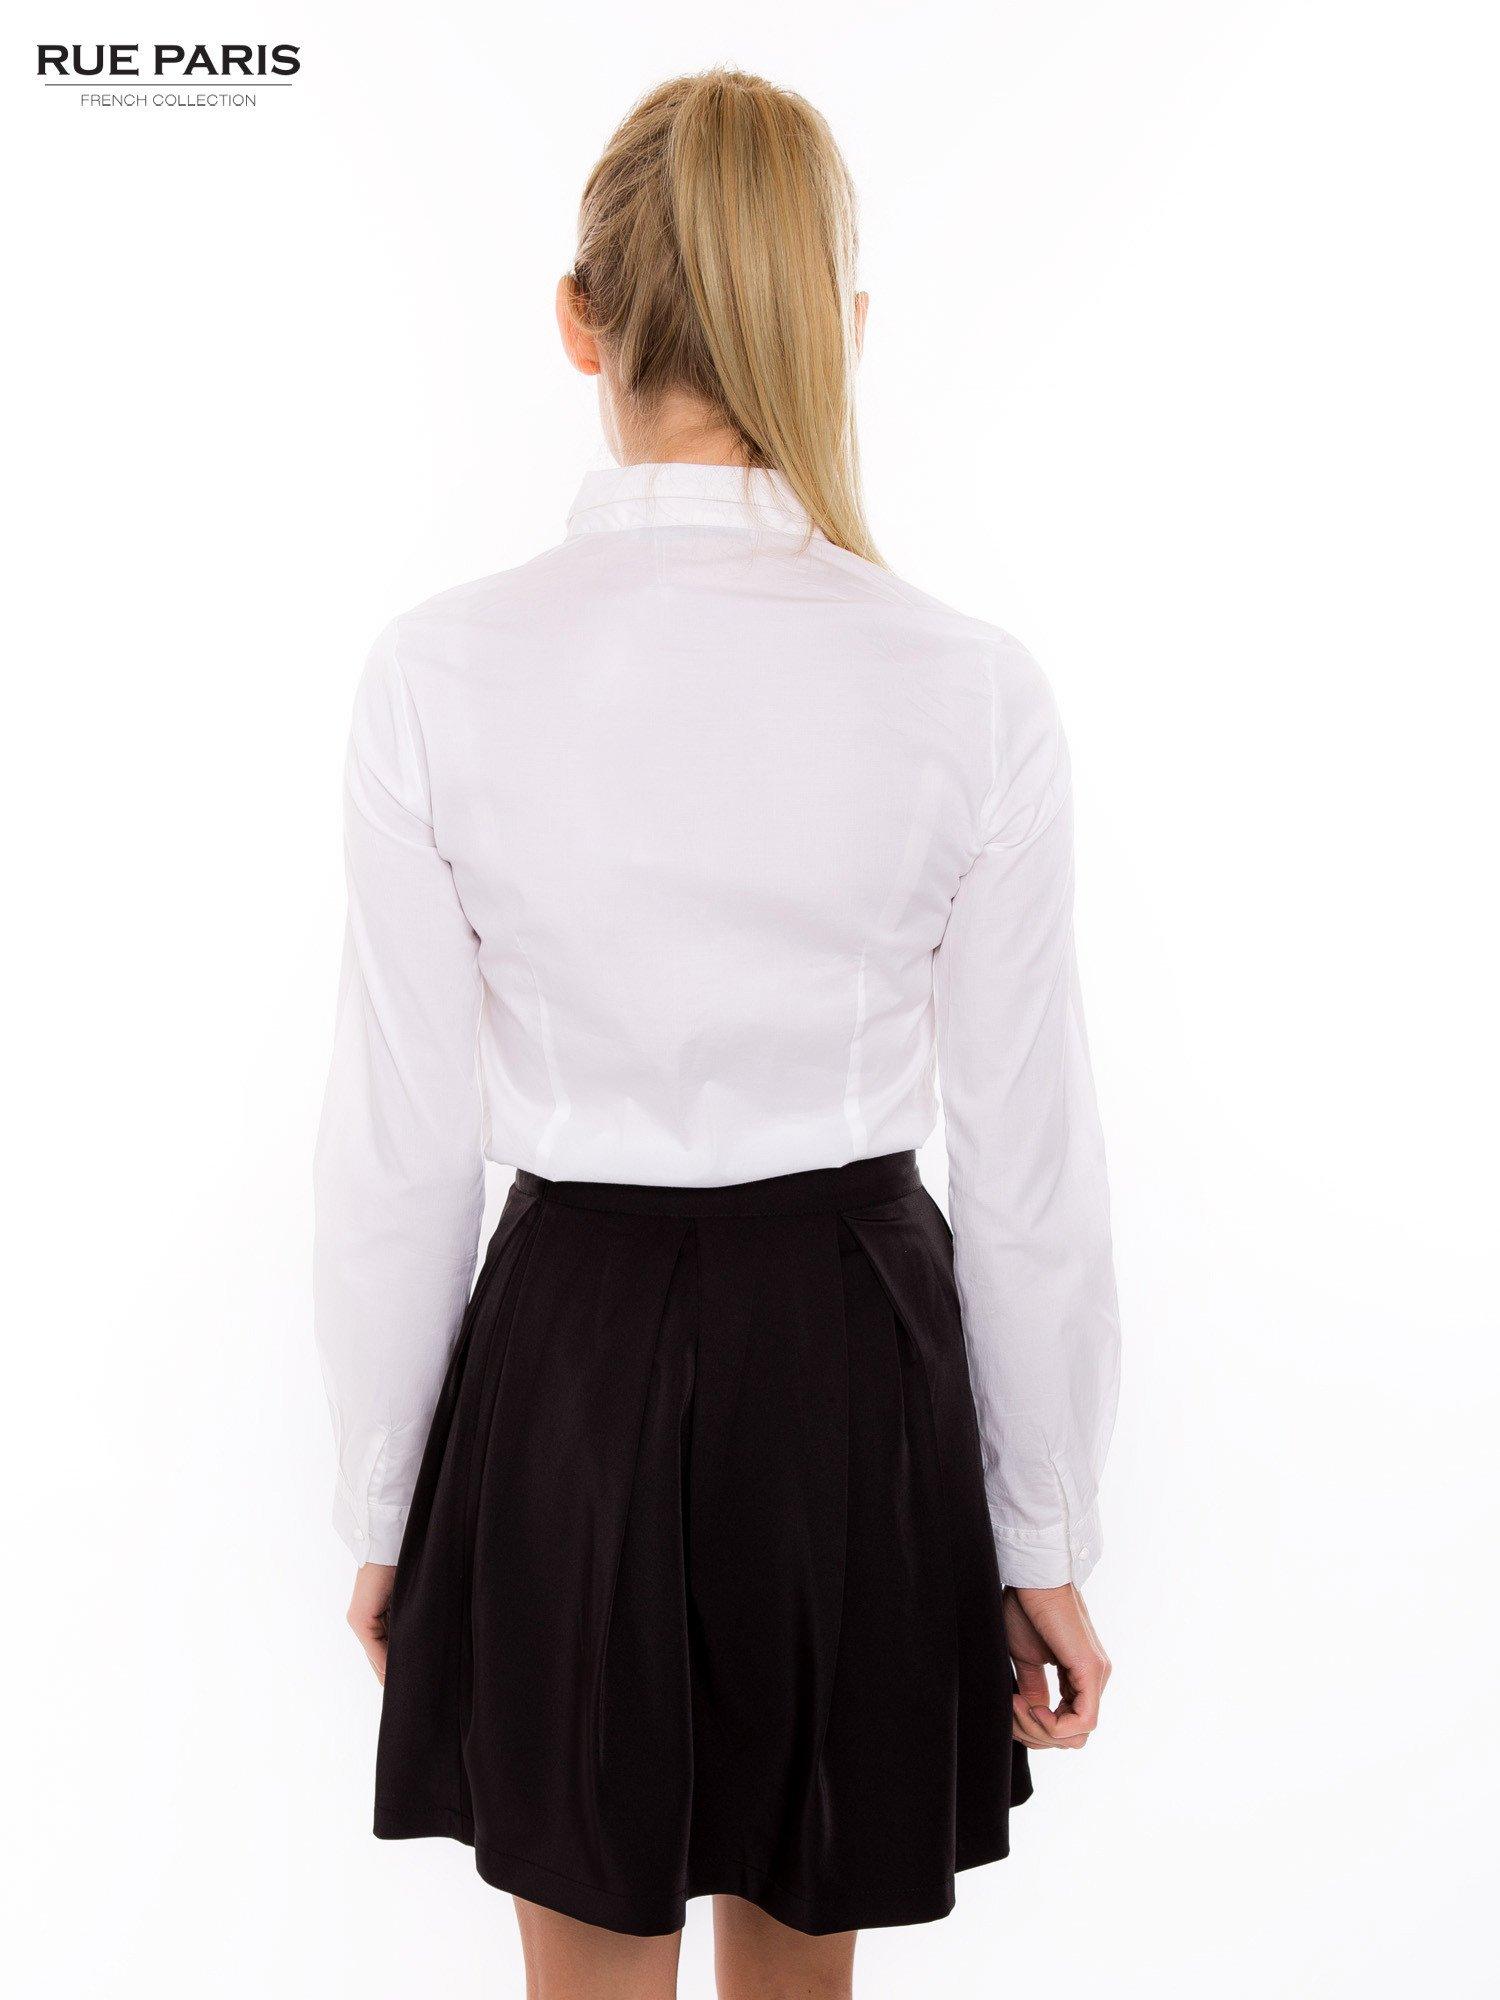 Biała koszula z krytą listwą i guzikami perełkami                                  zdj.                                  4